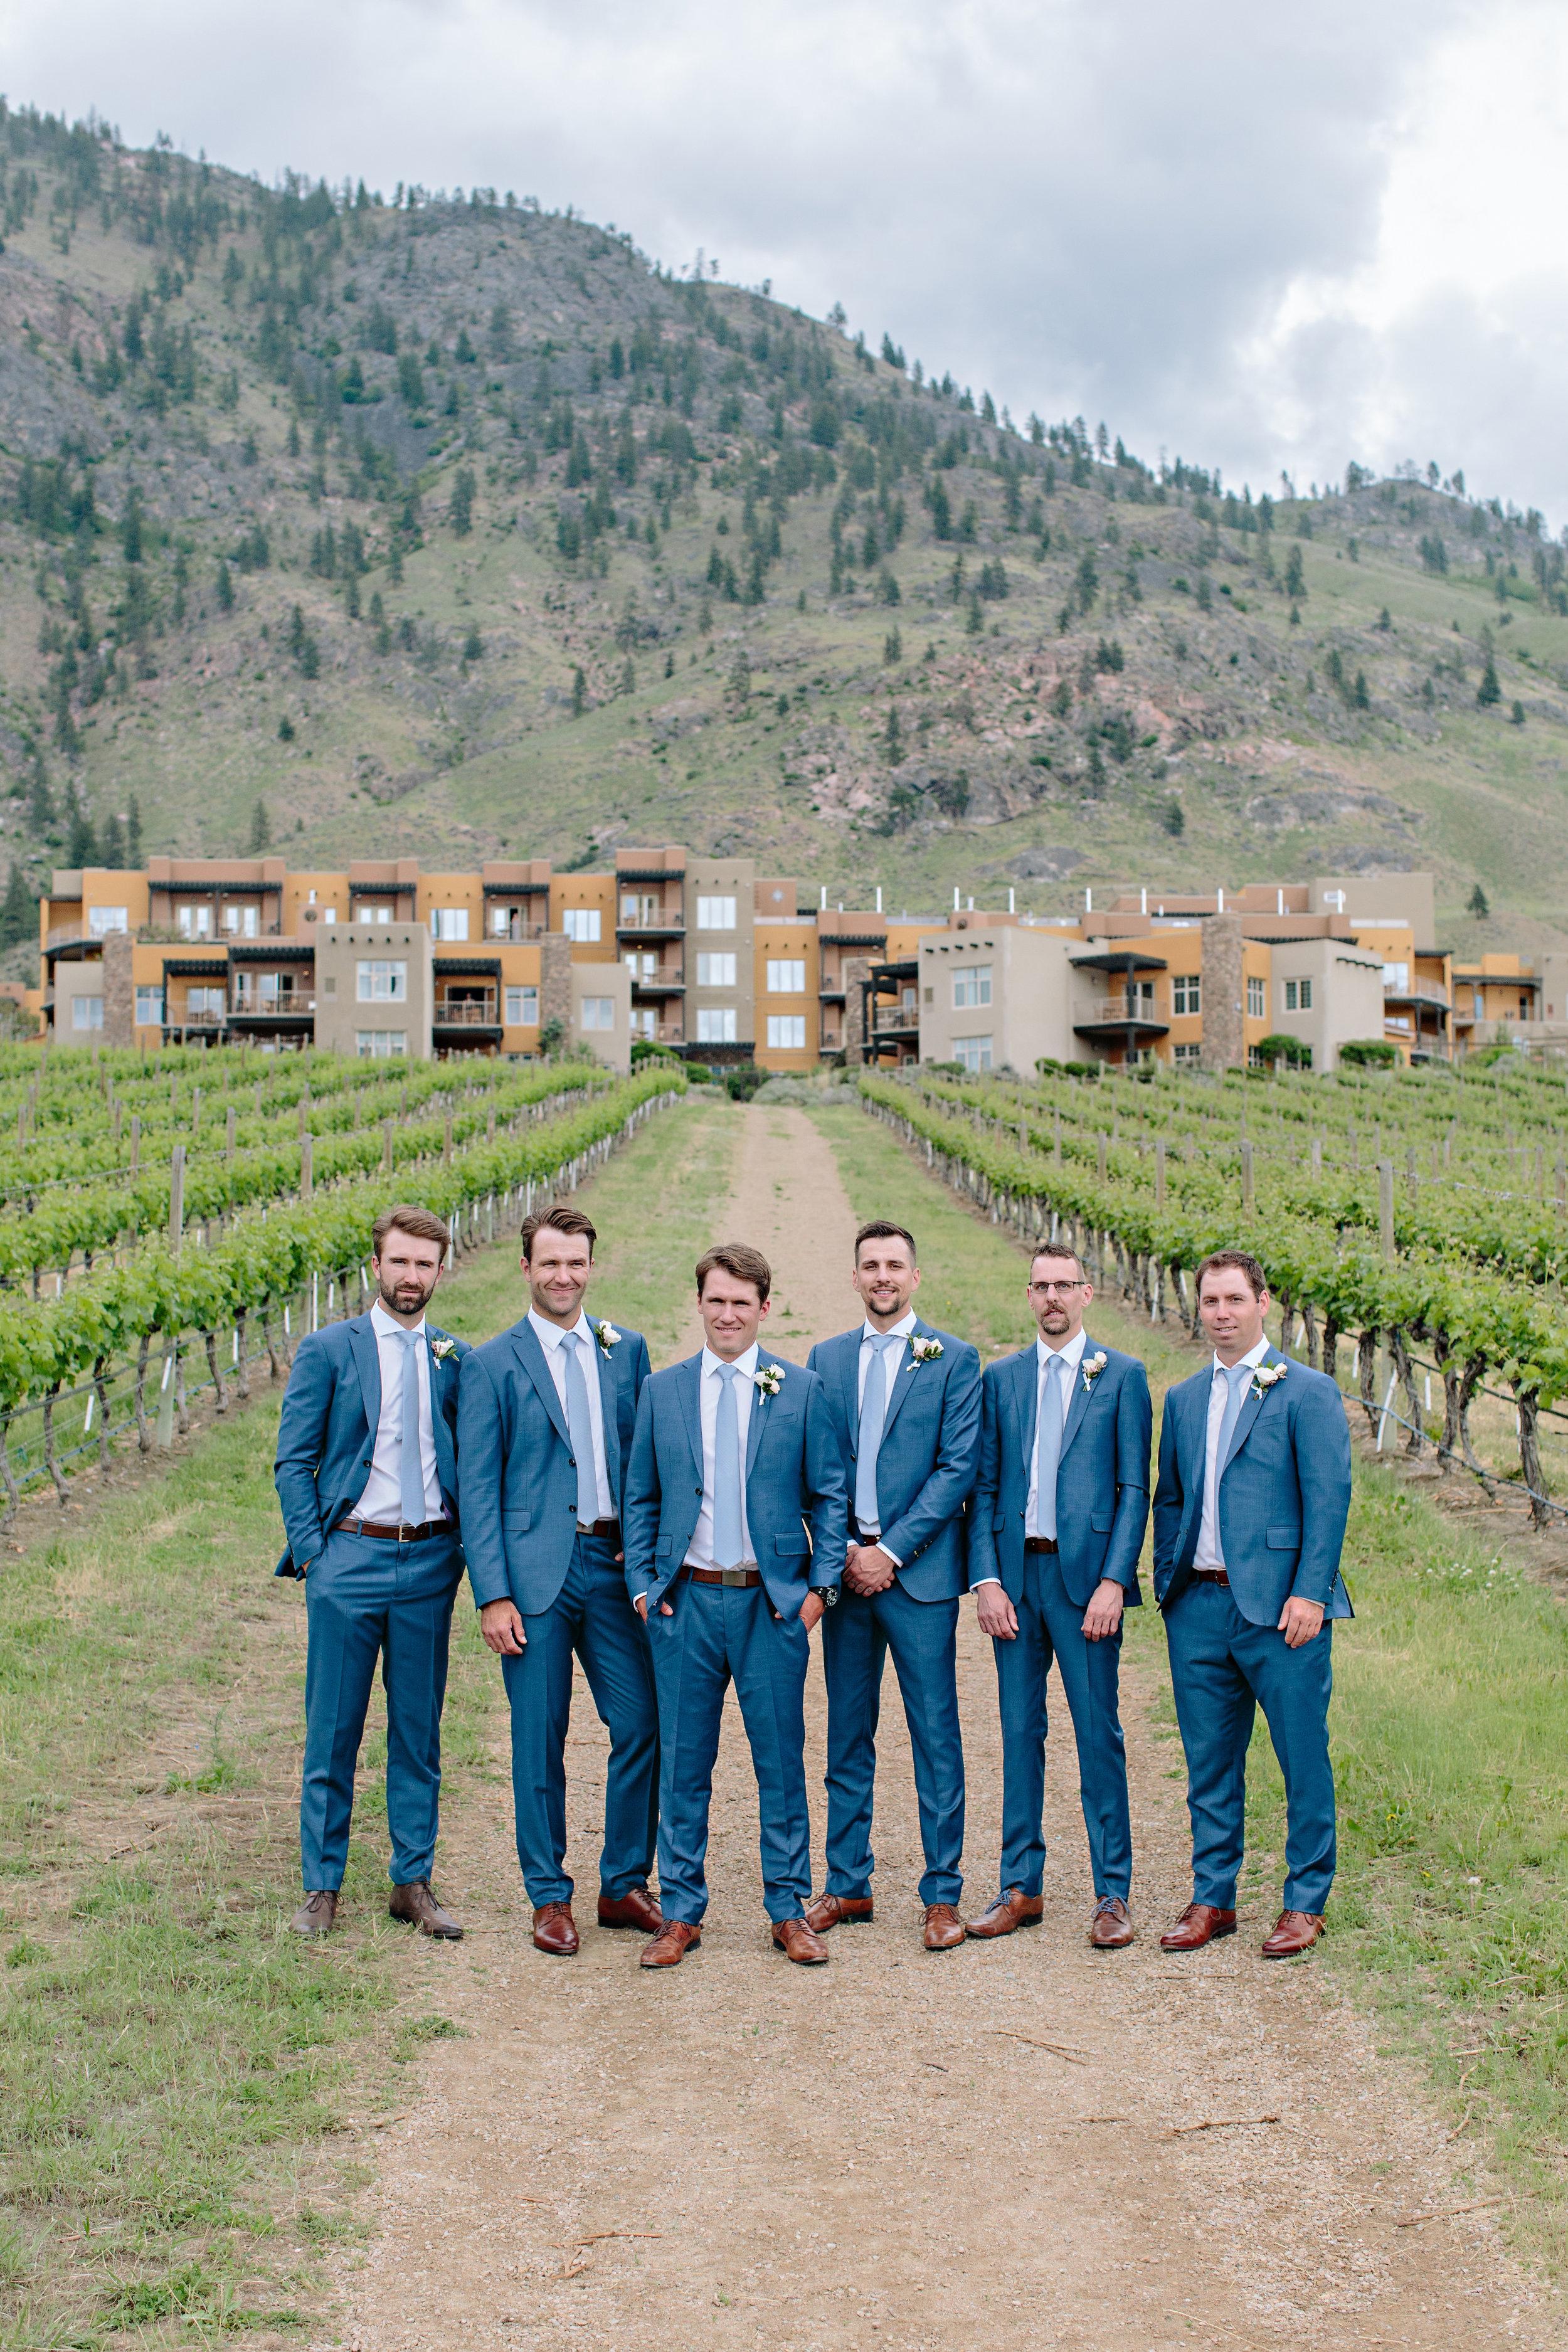 Vineyard Wedding Osoyoos Groomsmen.jpg